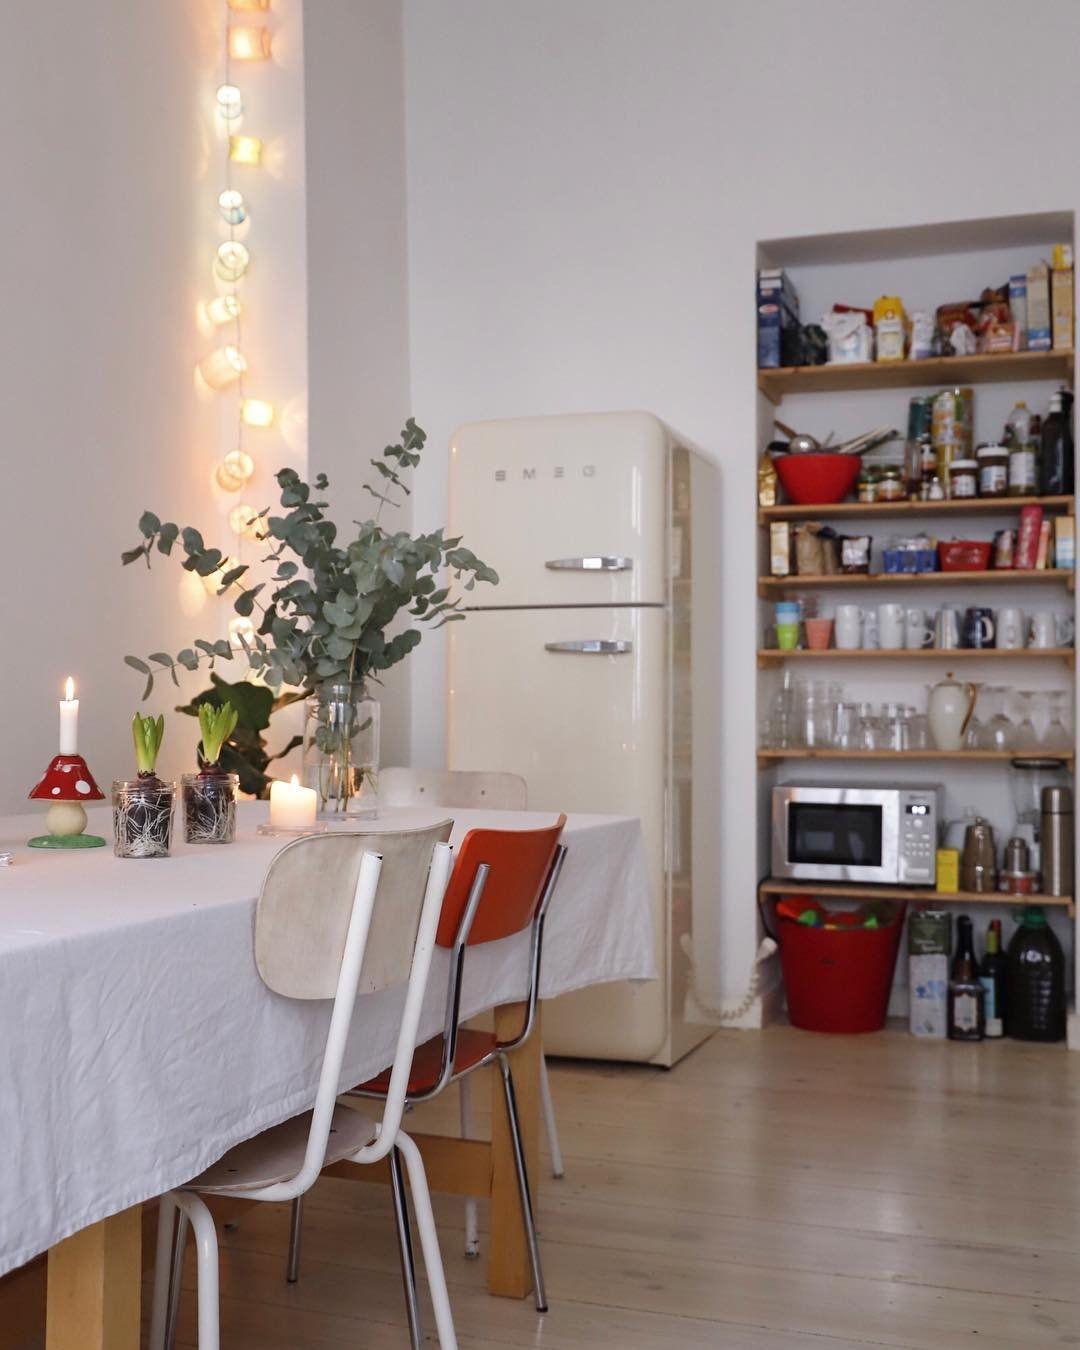 Tolle Ideen und Bilder zu Kühlschränken!